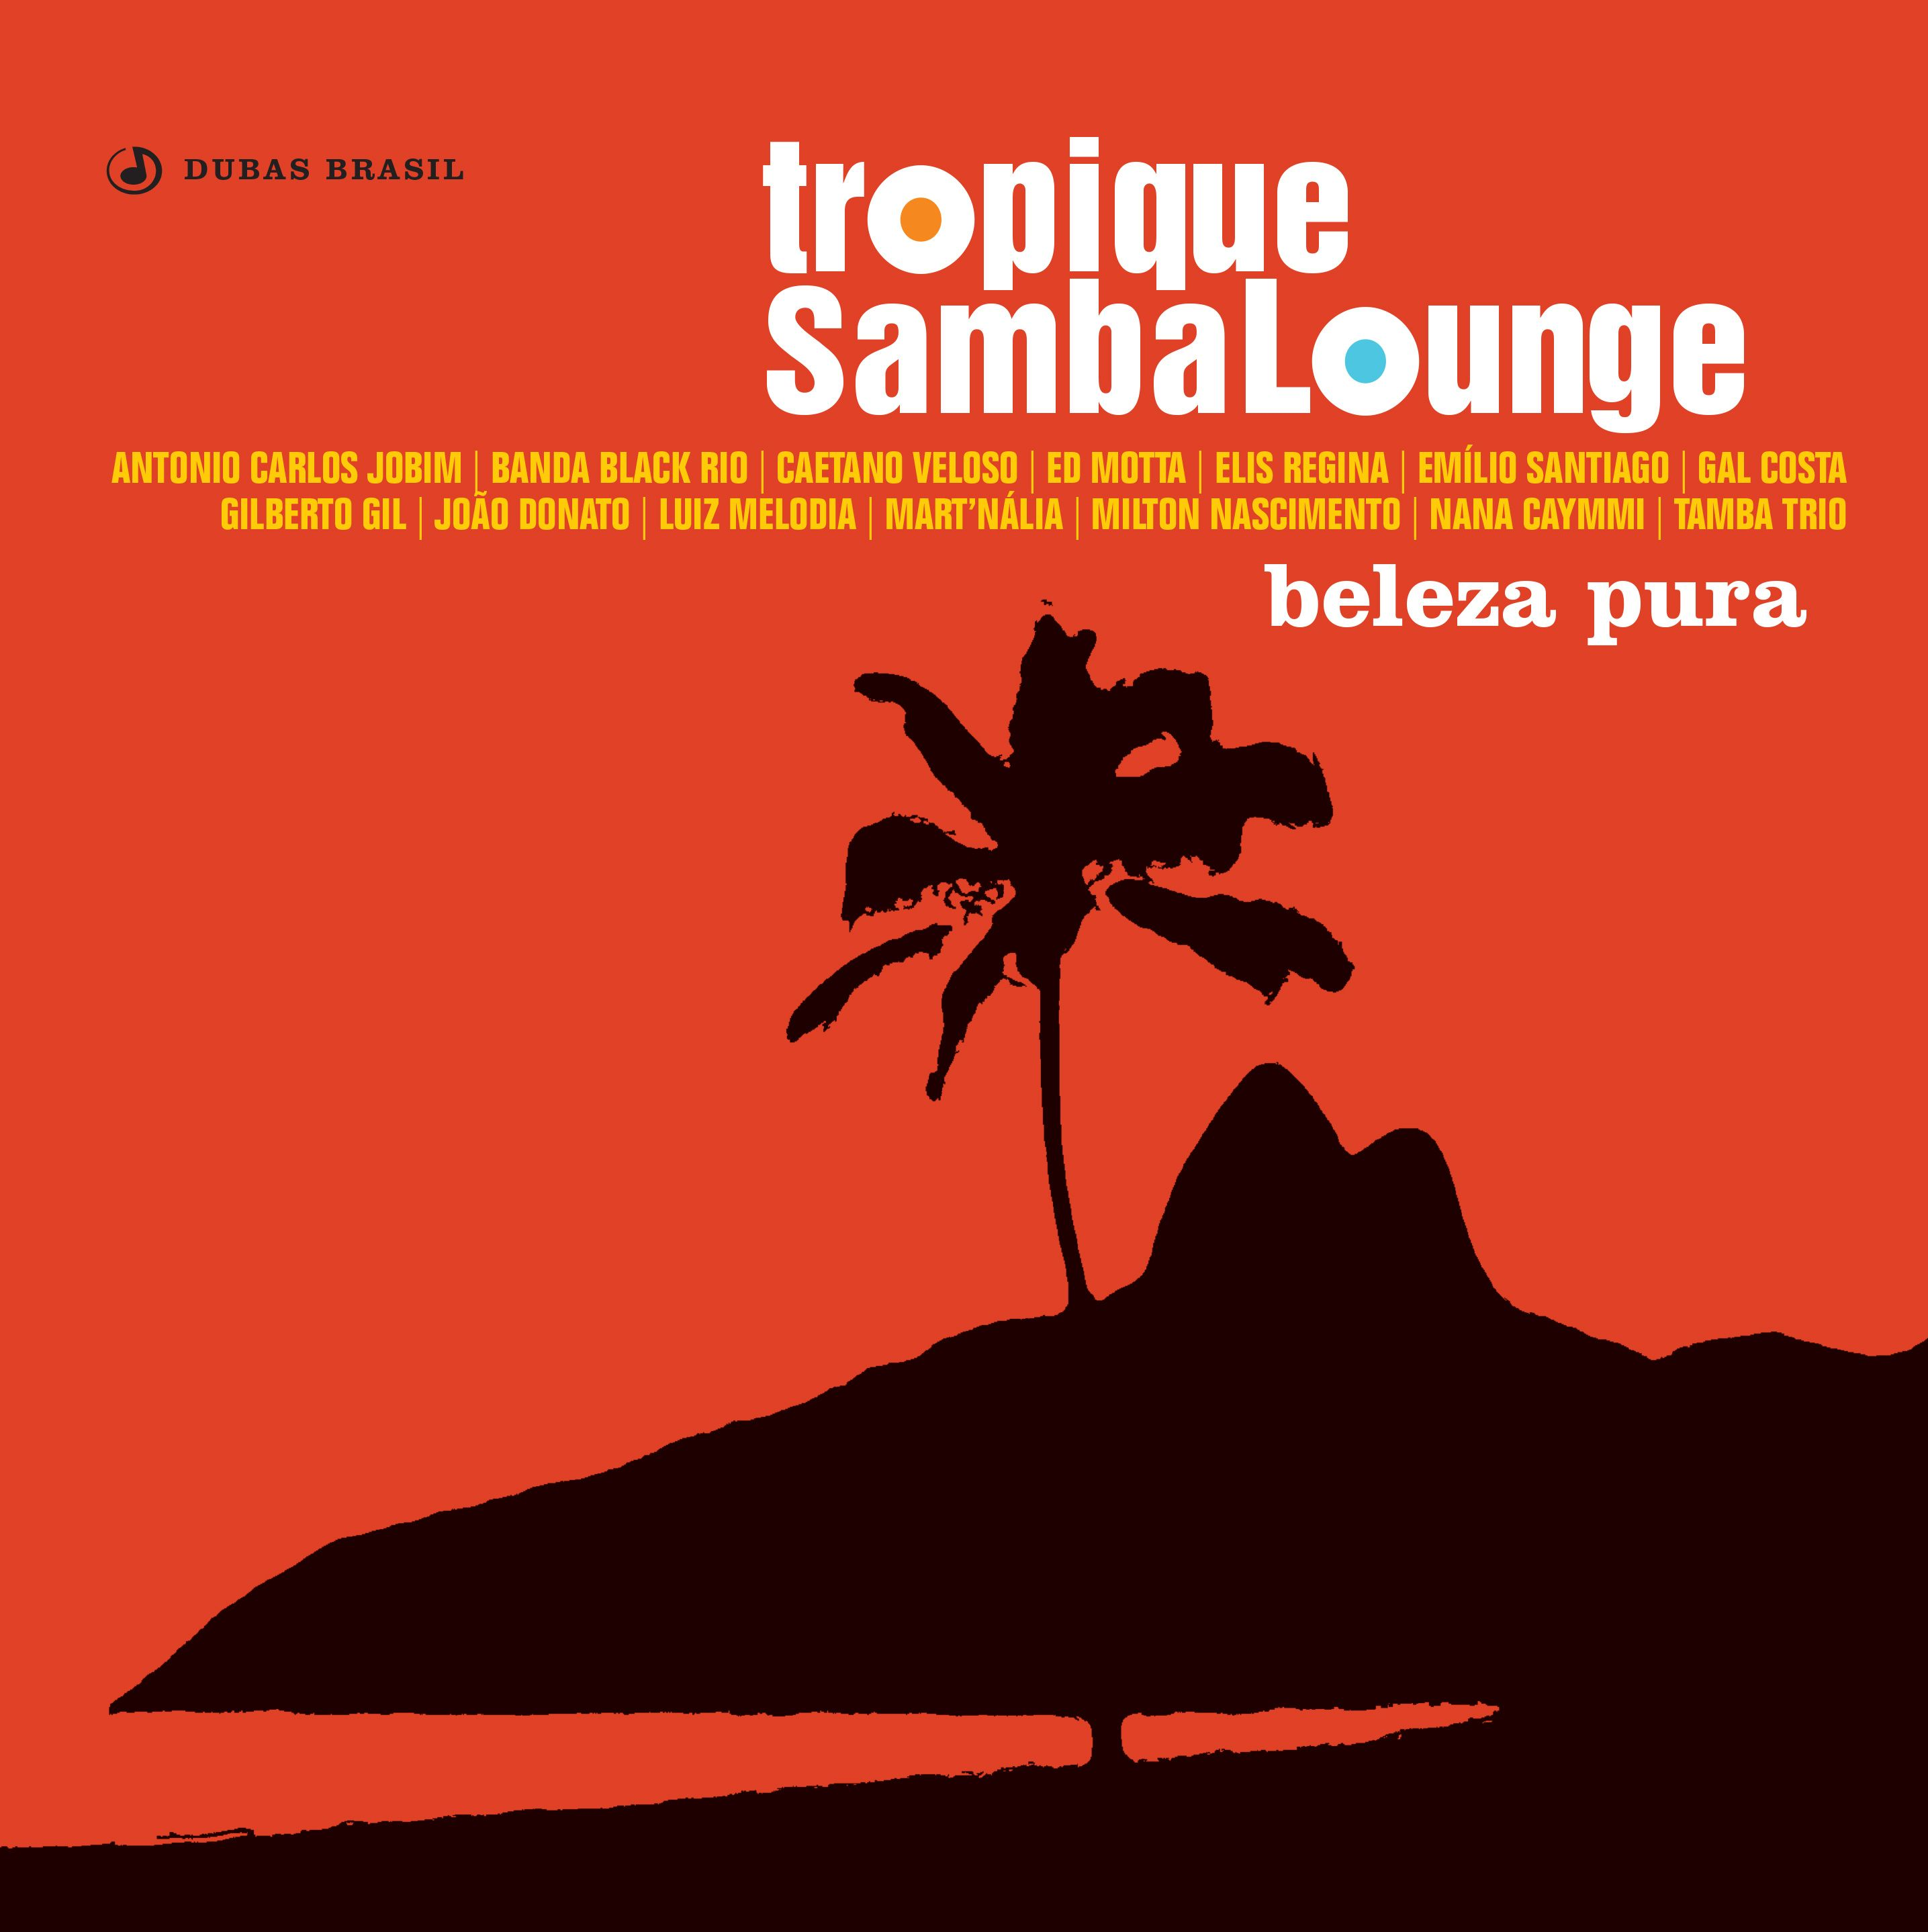 Capa do álbum Beleza Pura, lançado em 2002.